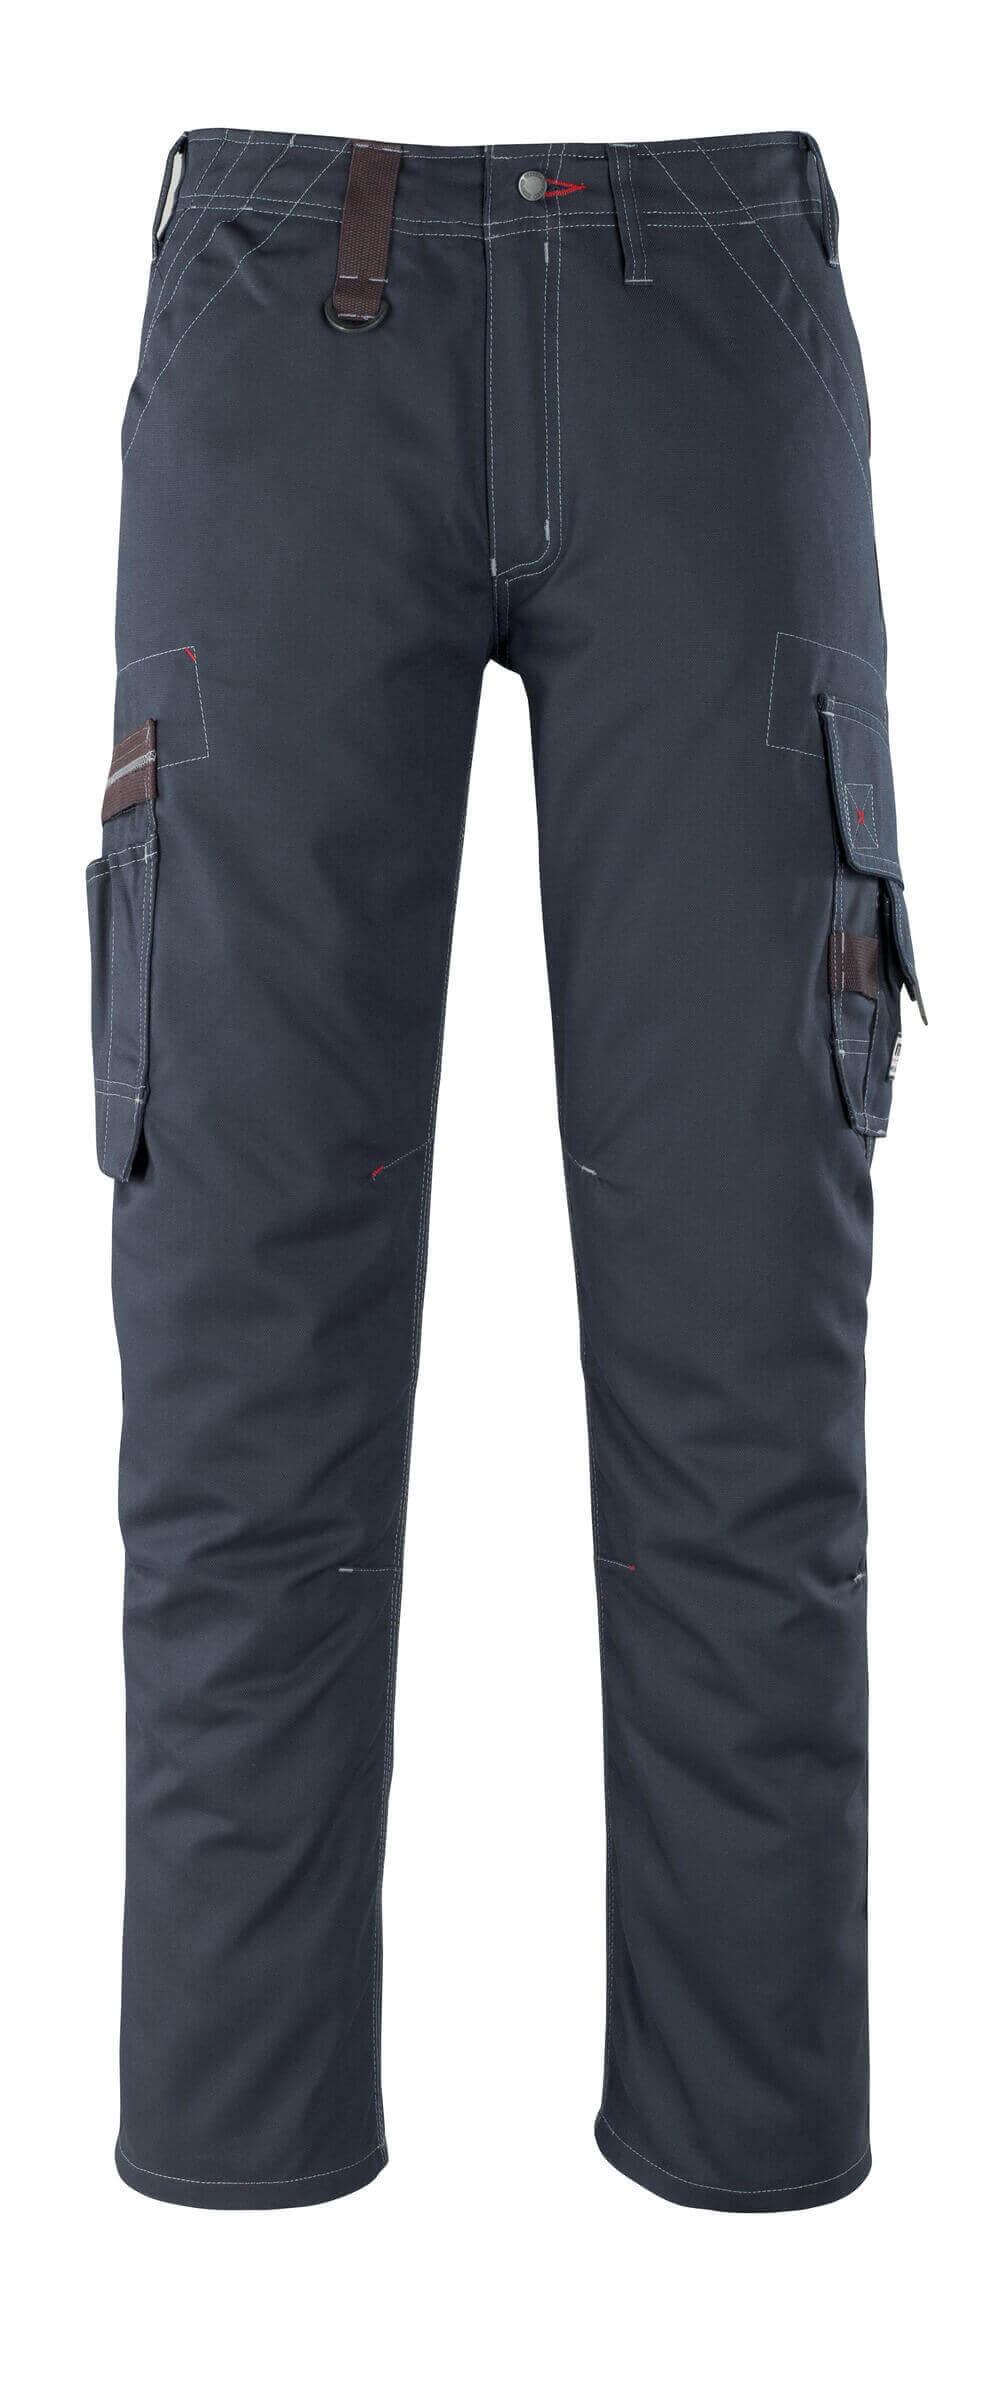 07279-154-010 Hose mit Schenkeltaschen - Schwarzblau